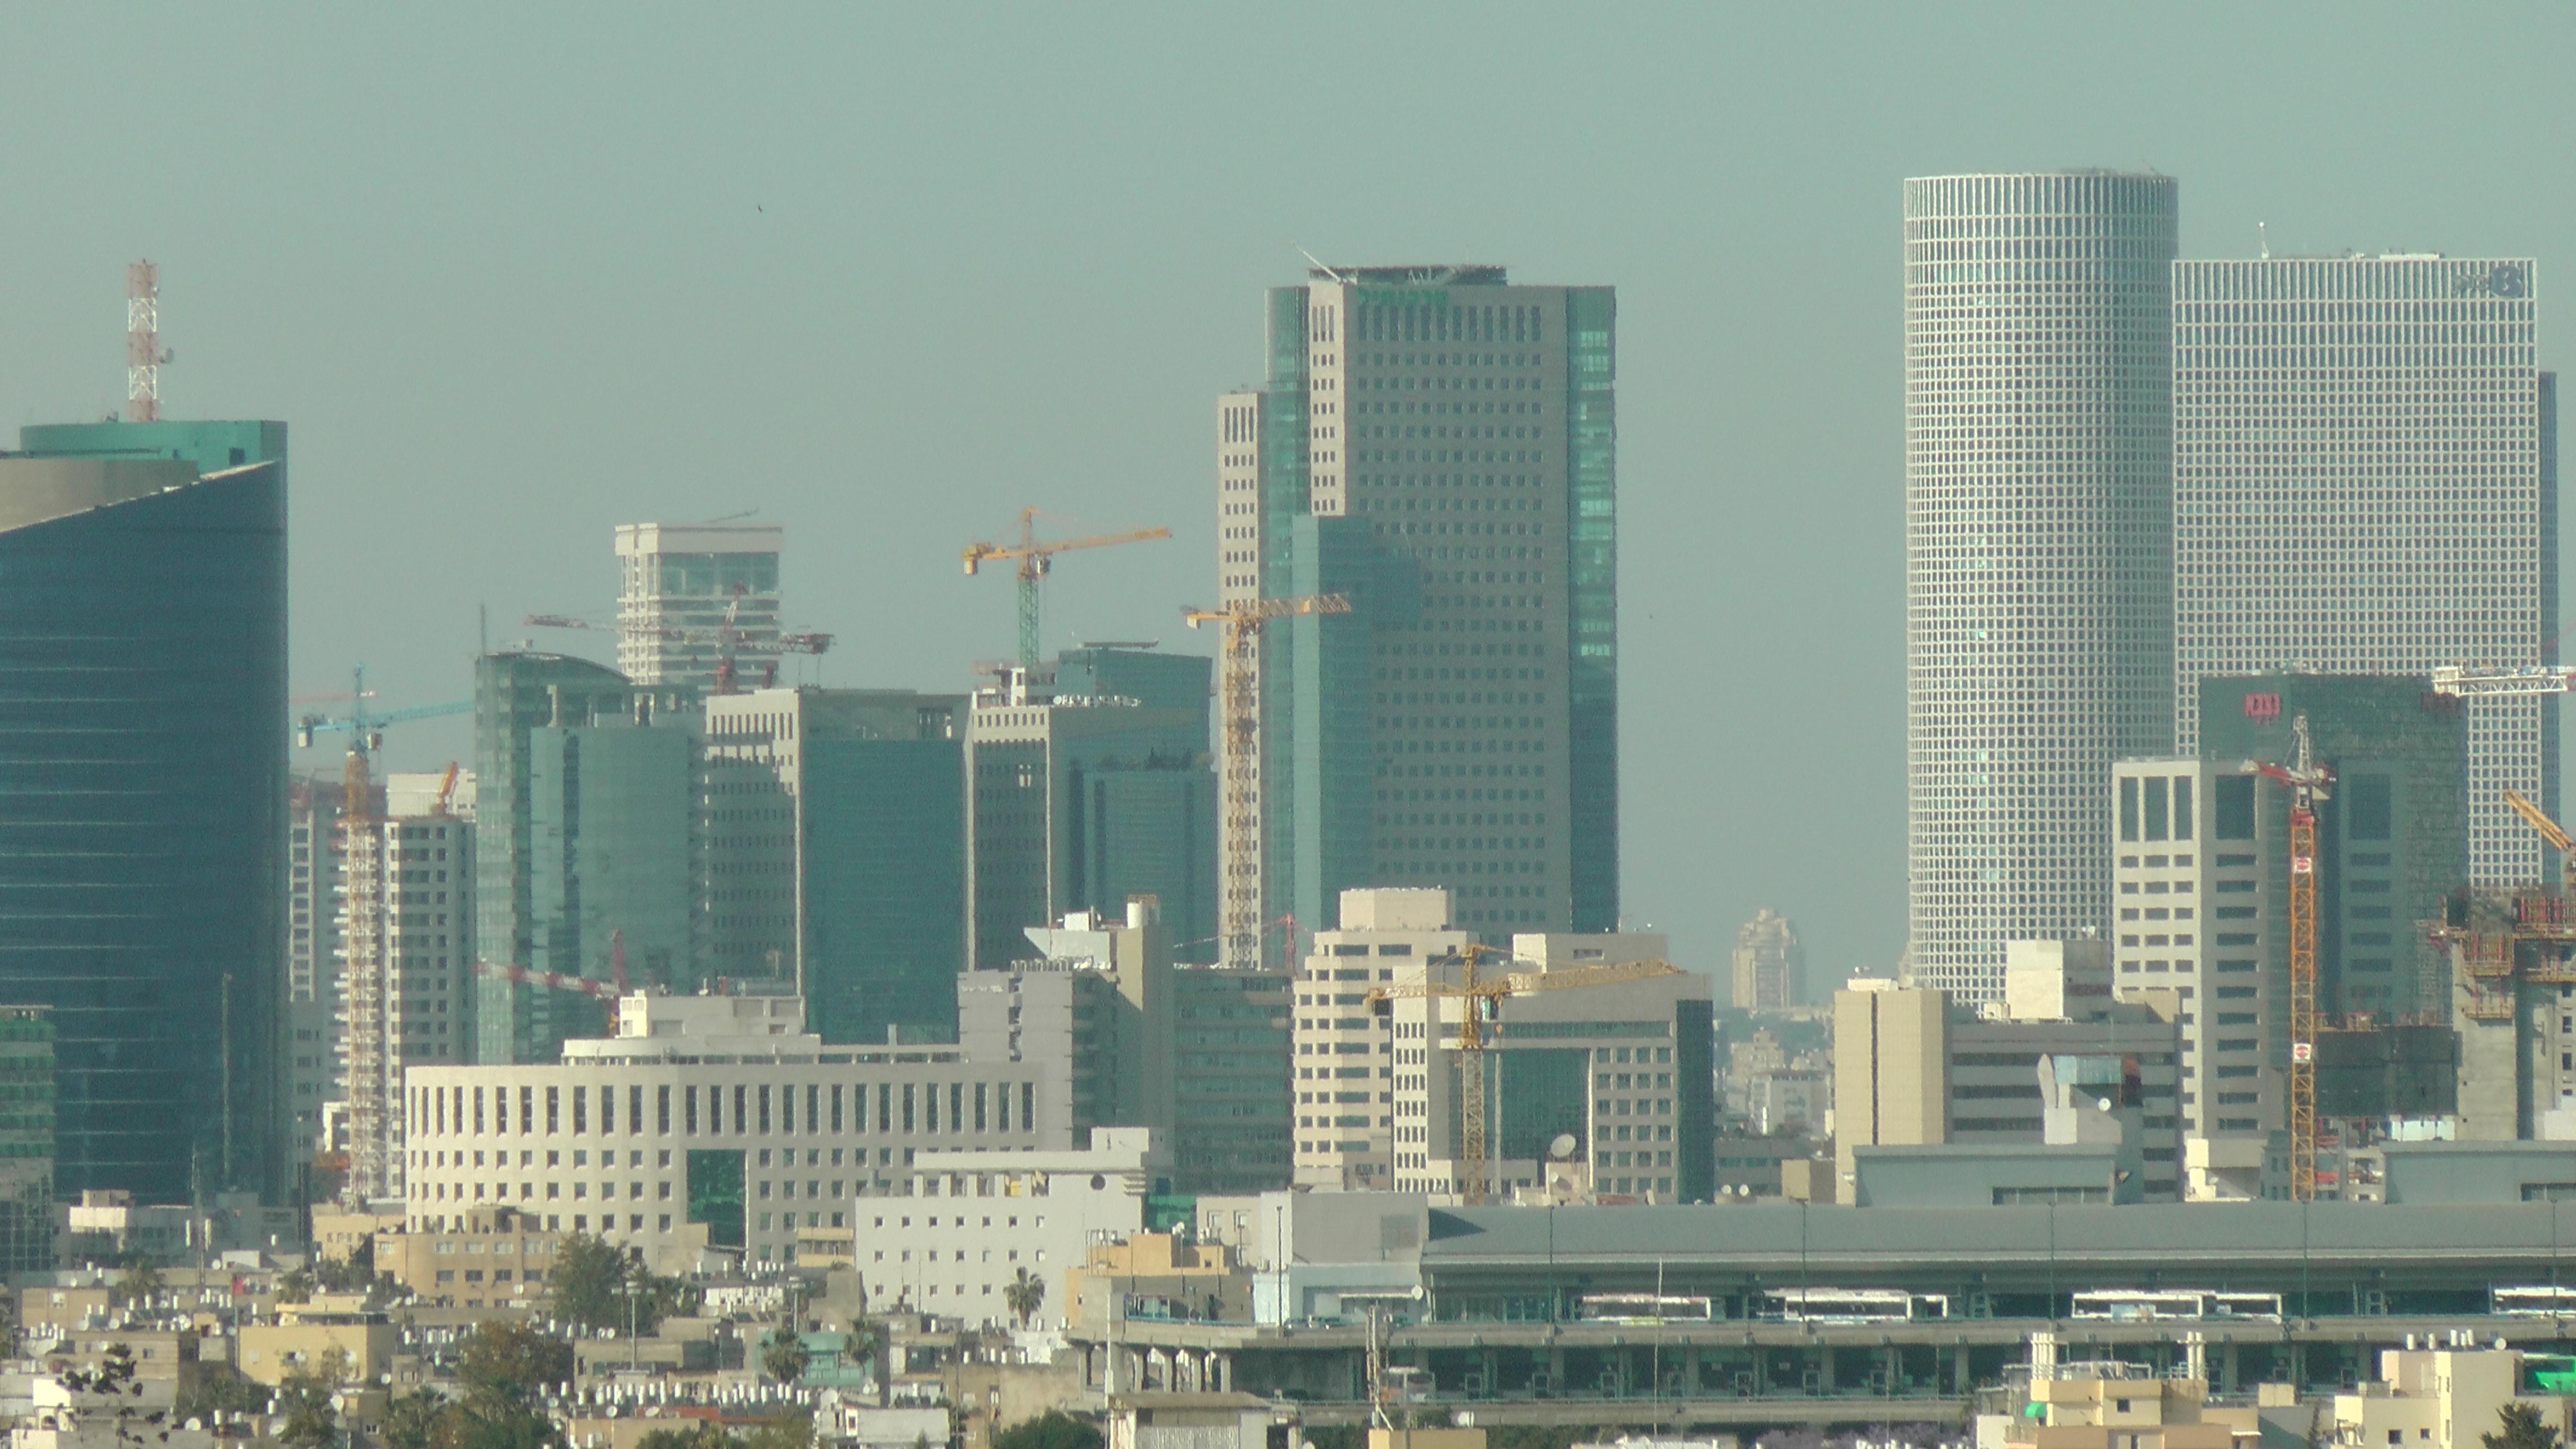 תל אביב מגרש למכירה 8,000,000₪, תל אביב